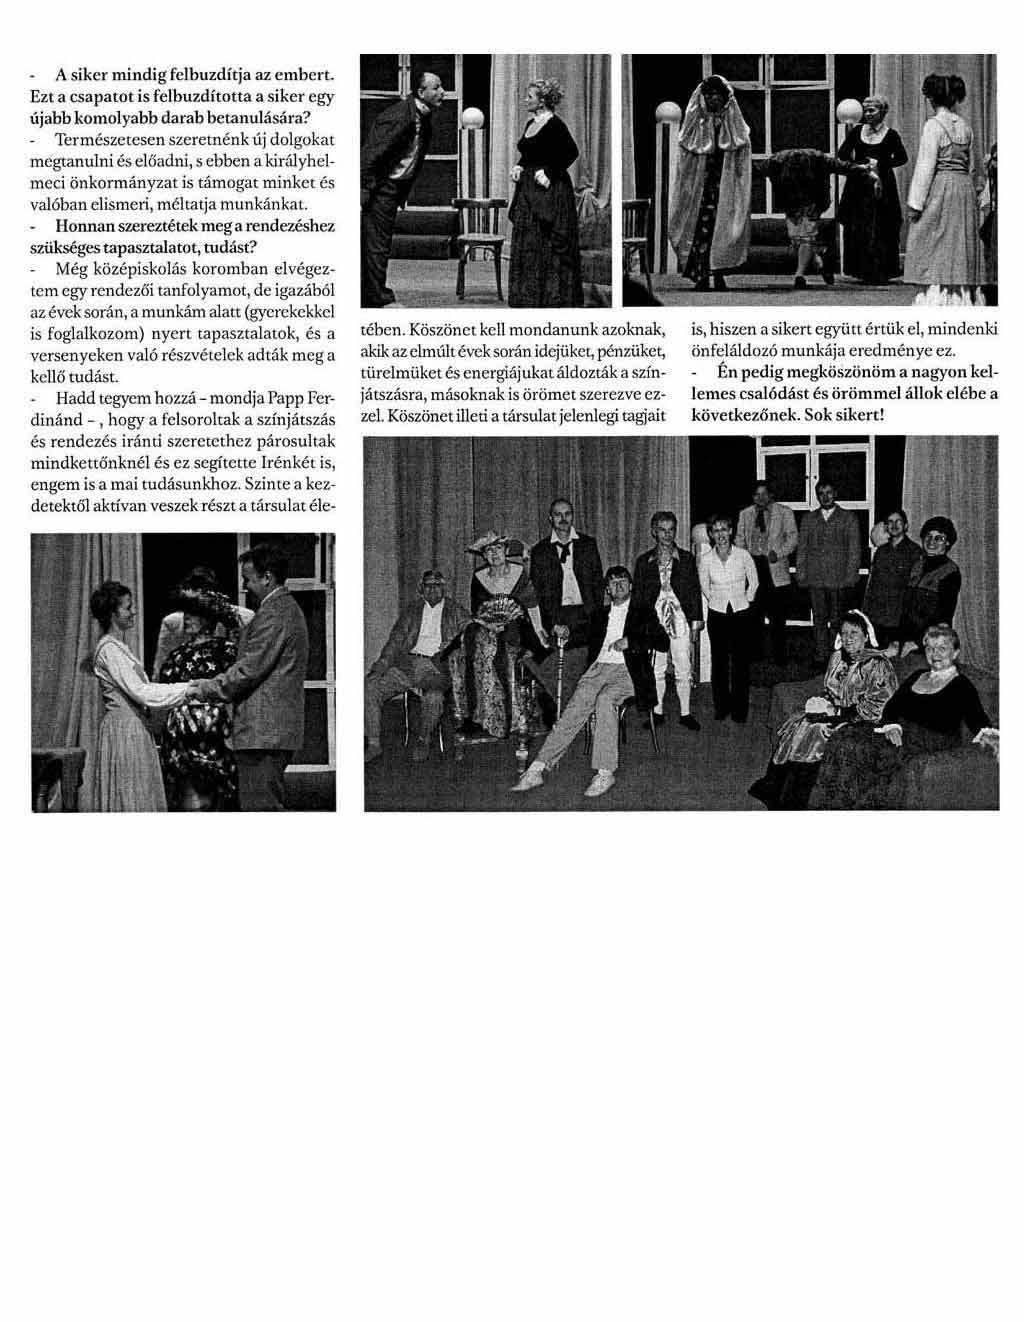 Bugrisok Királyhelmec színpadán